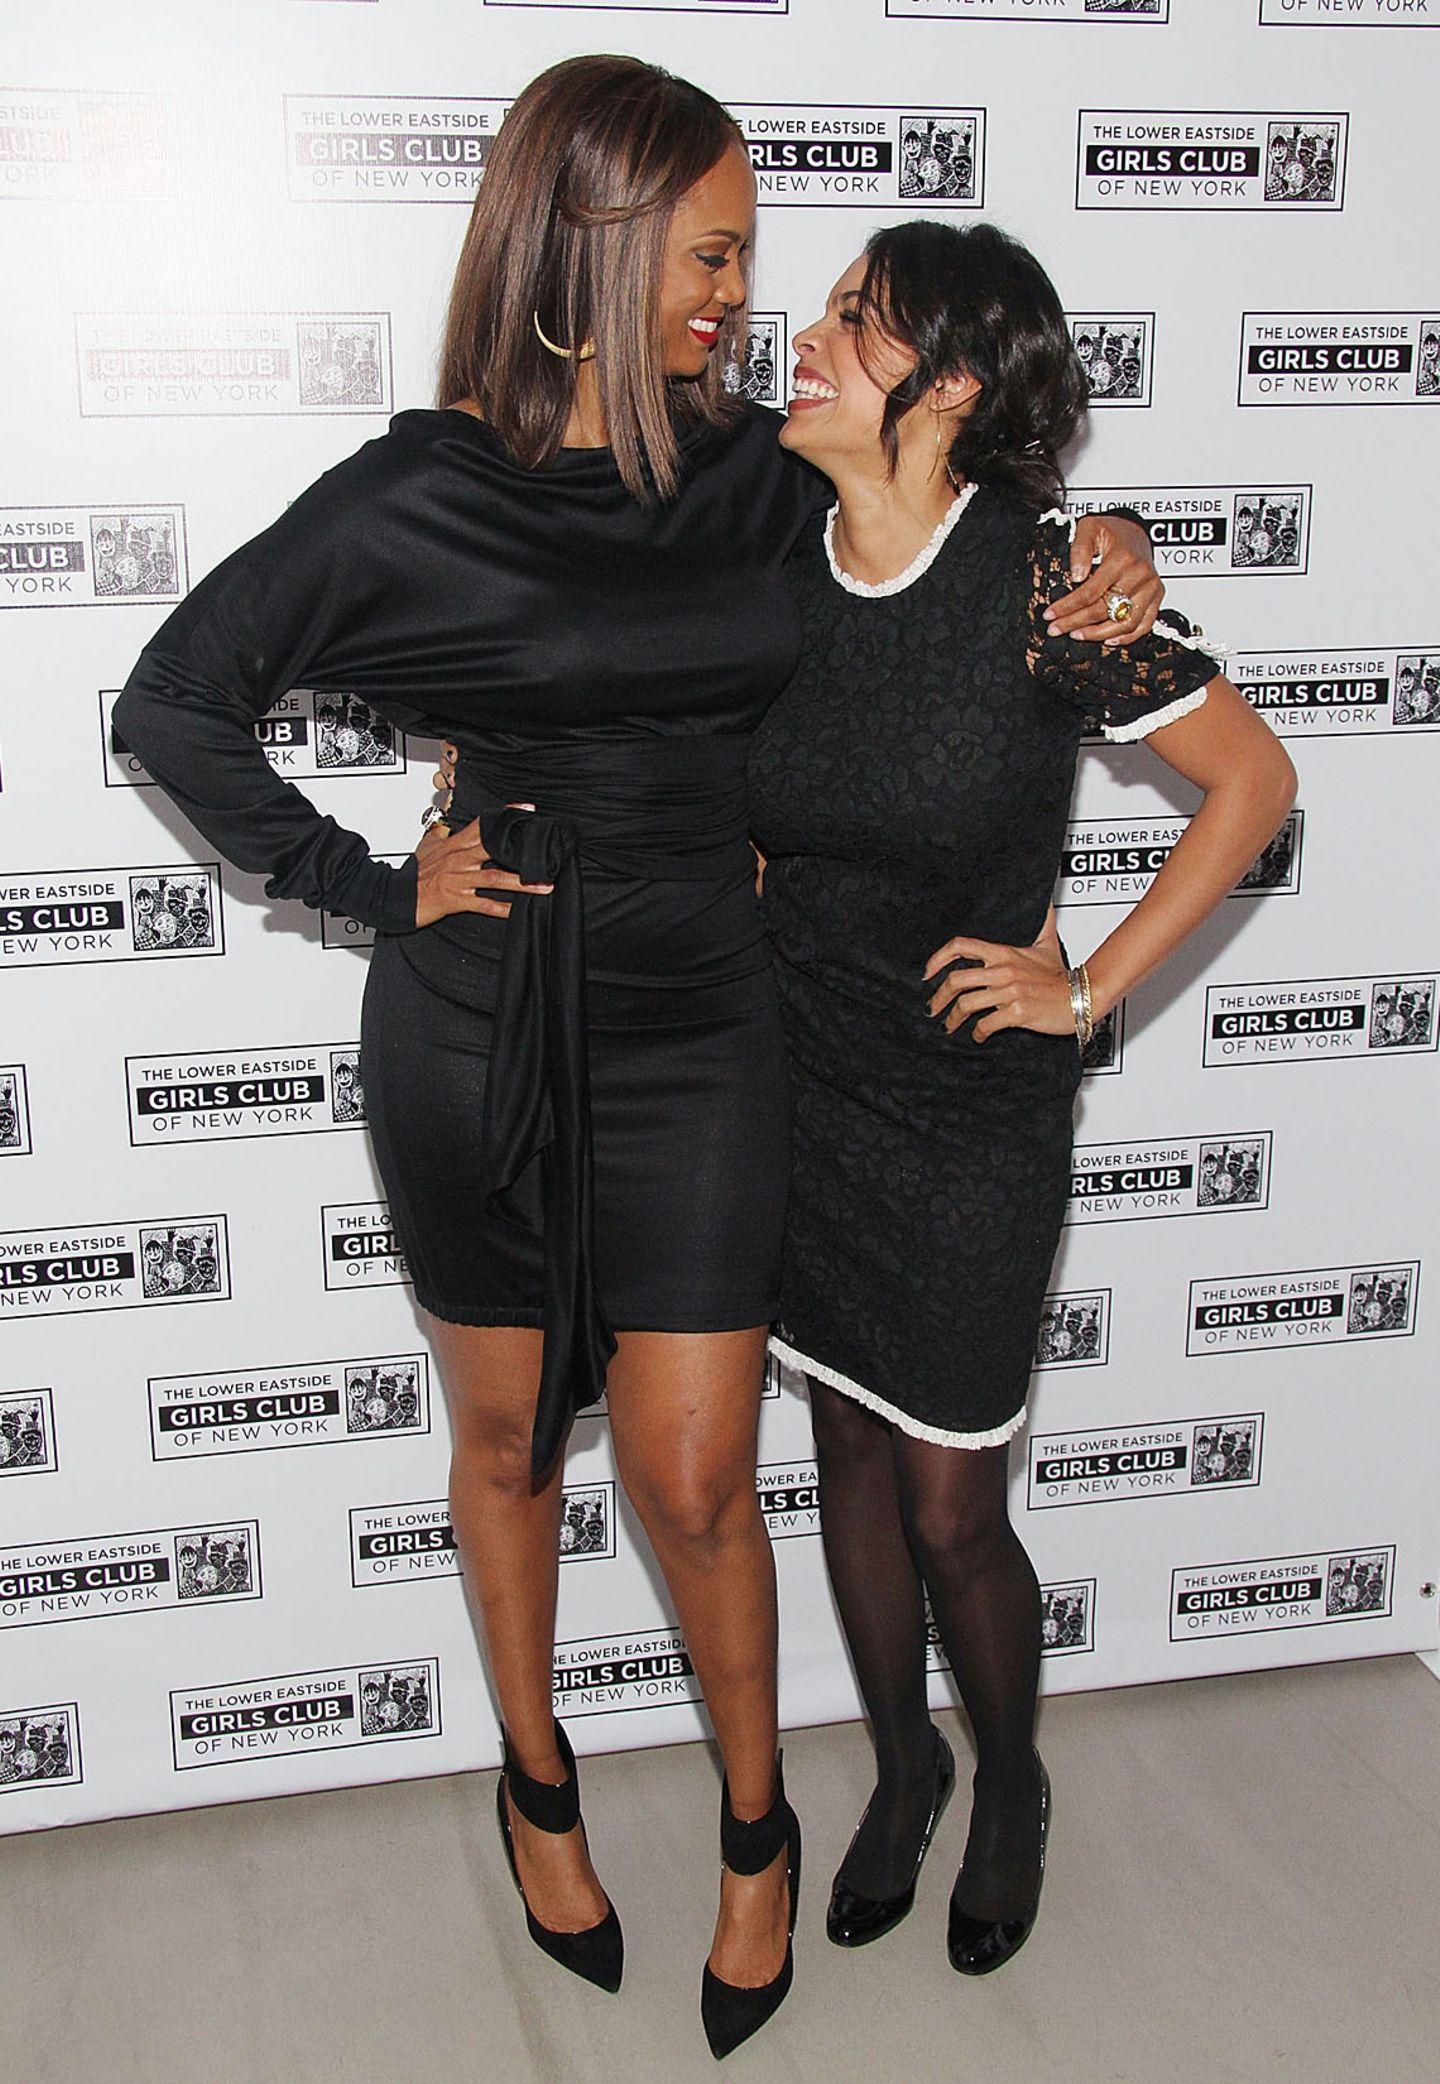 Neben Supermodel Tyra Banks (1,80 m) klein zu wirken, ist keine Schwierigkeit. Rosario Dawson schafft das mit ihren 170 Zentimetern locker.